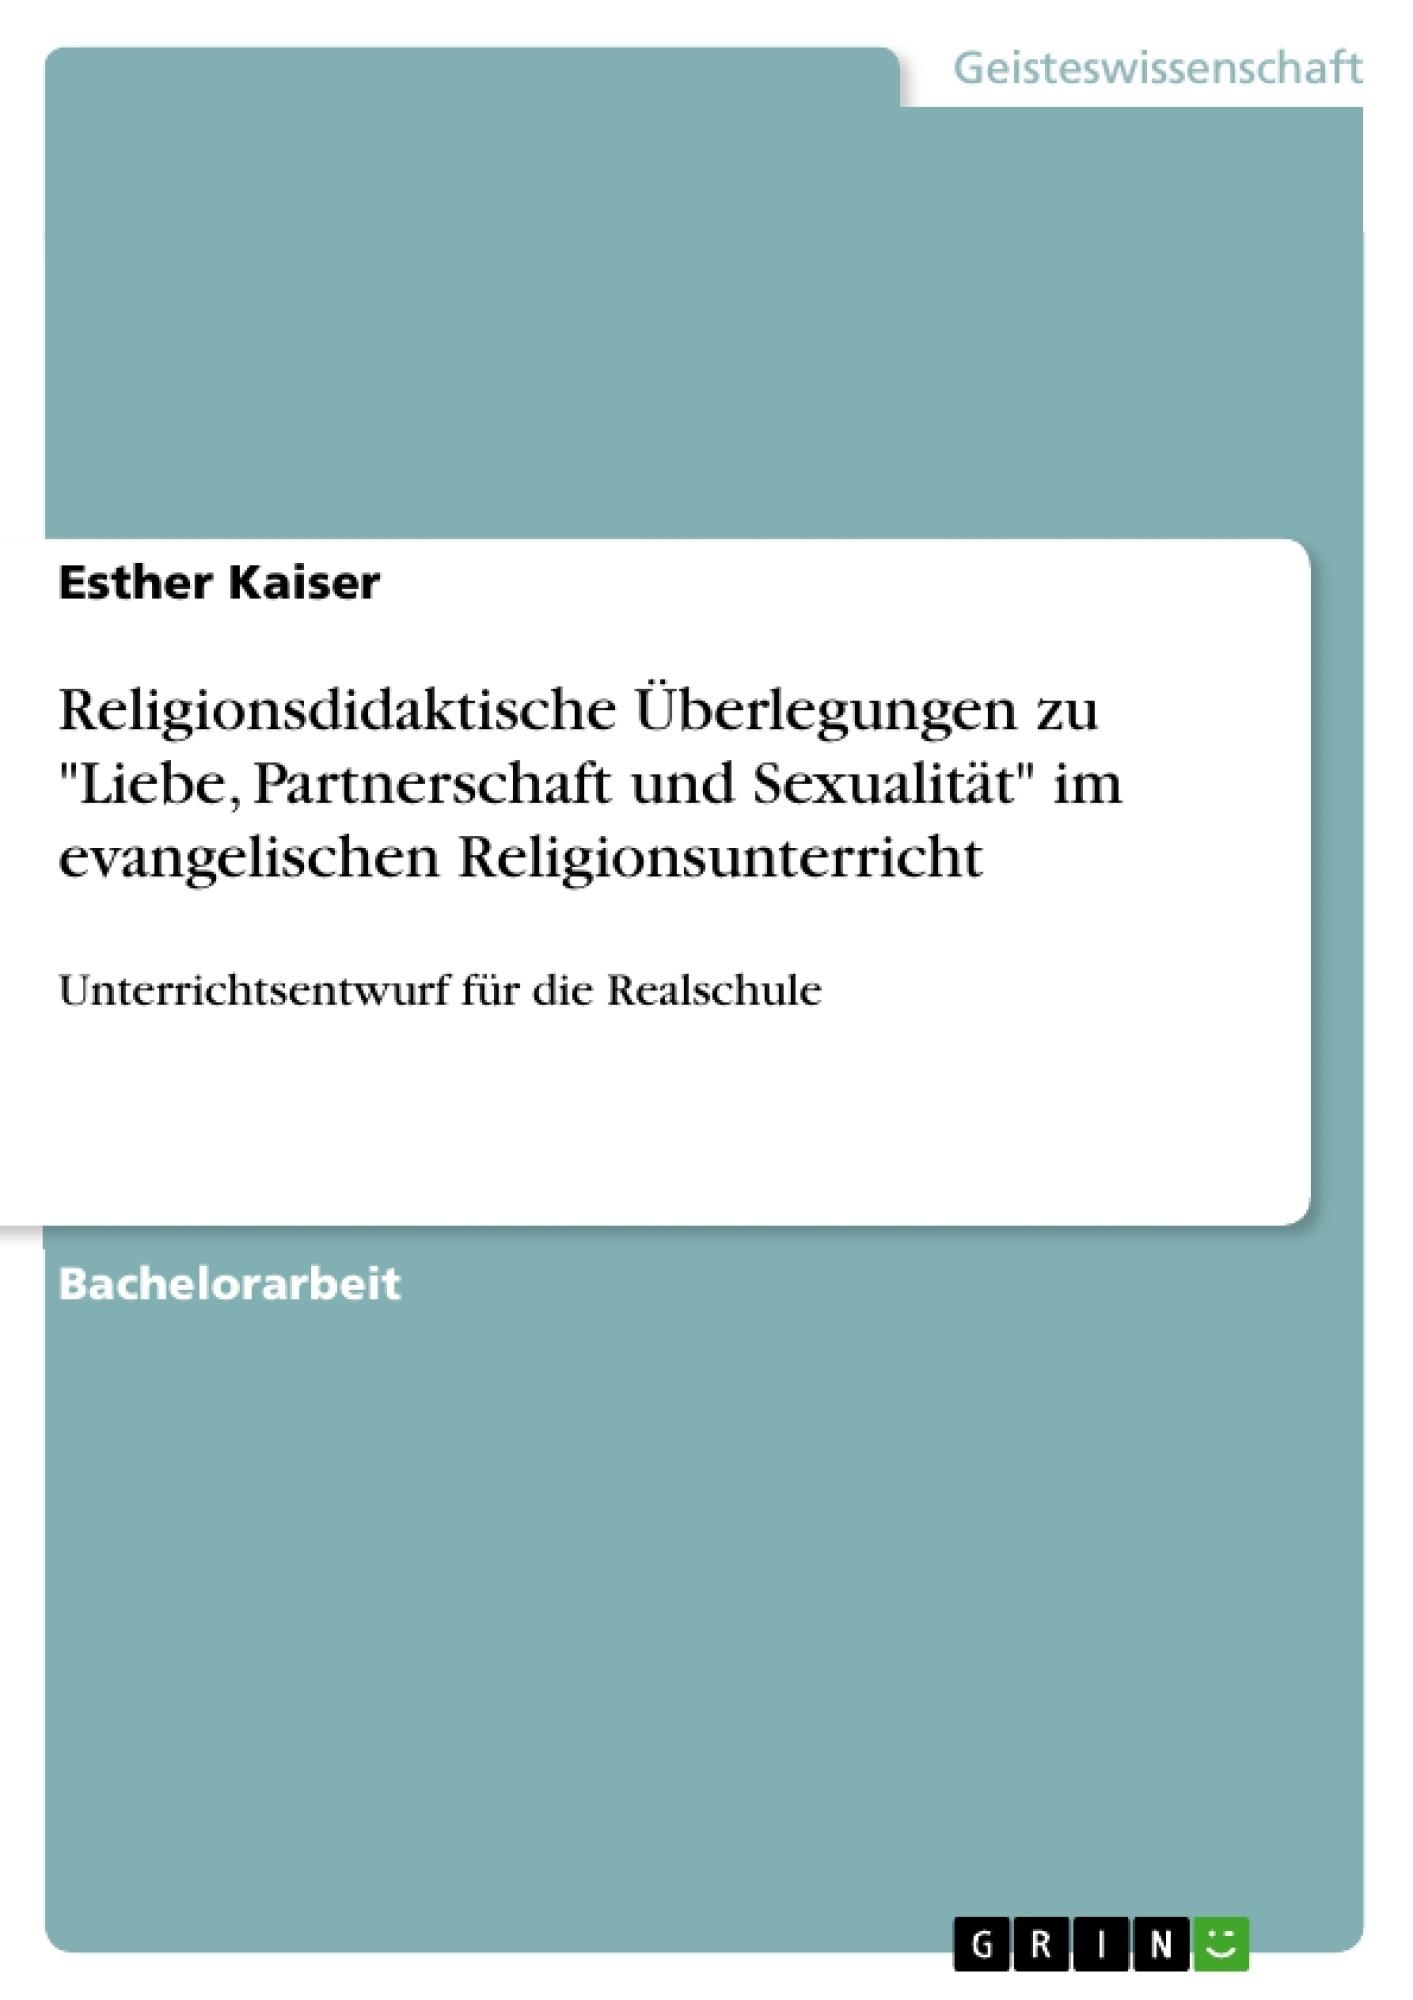 """Titel: Religionsdidaktische Überlegungen zu """"Liebe, Partnerschaft und Sexualität"""" im evangelischen Religionsunterricht"""